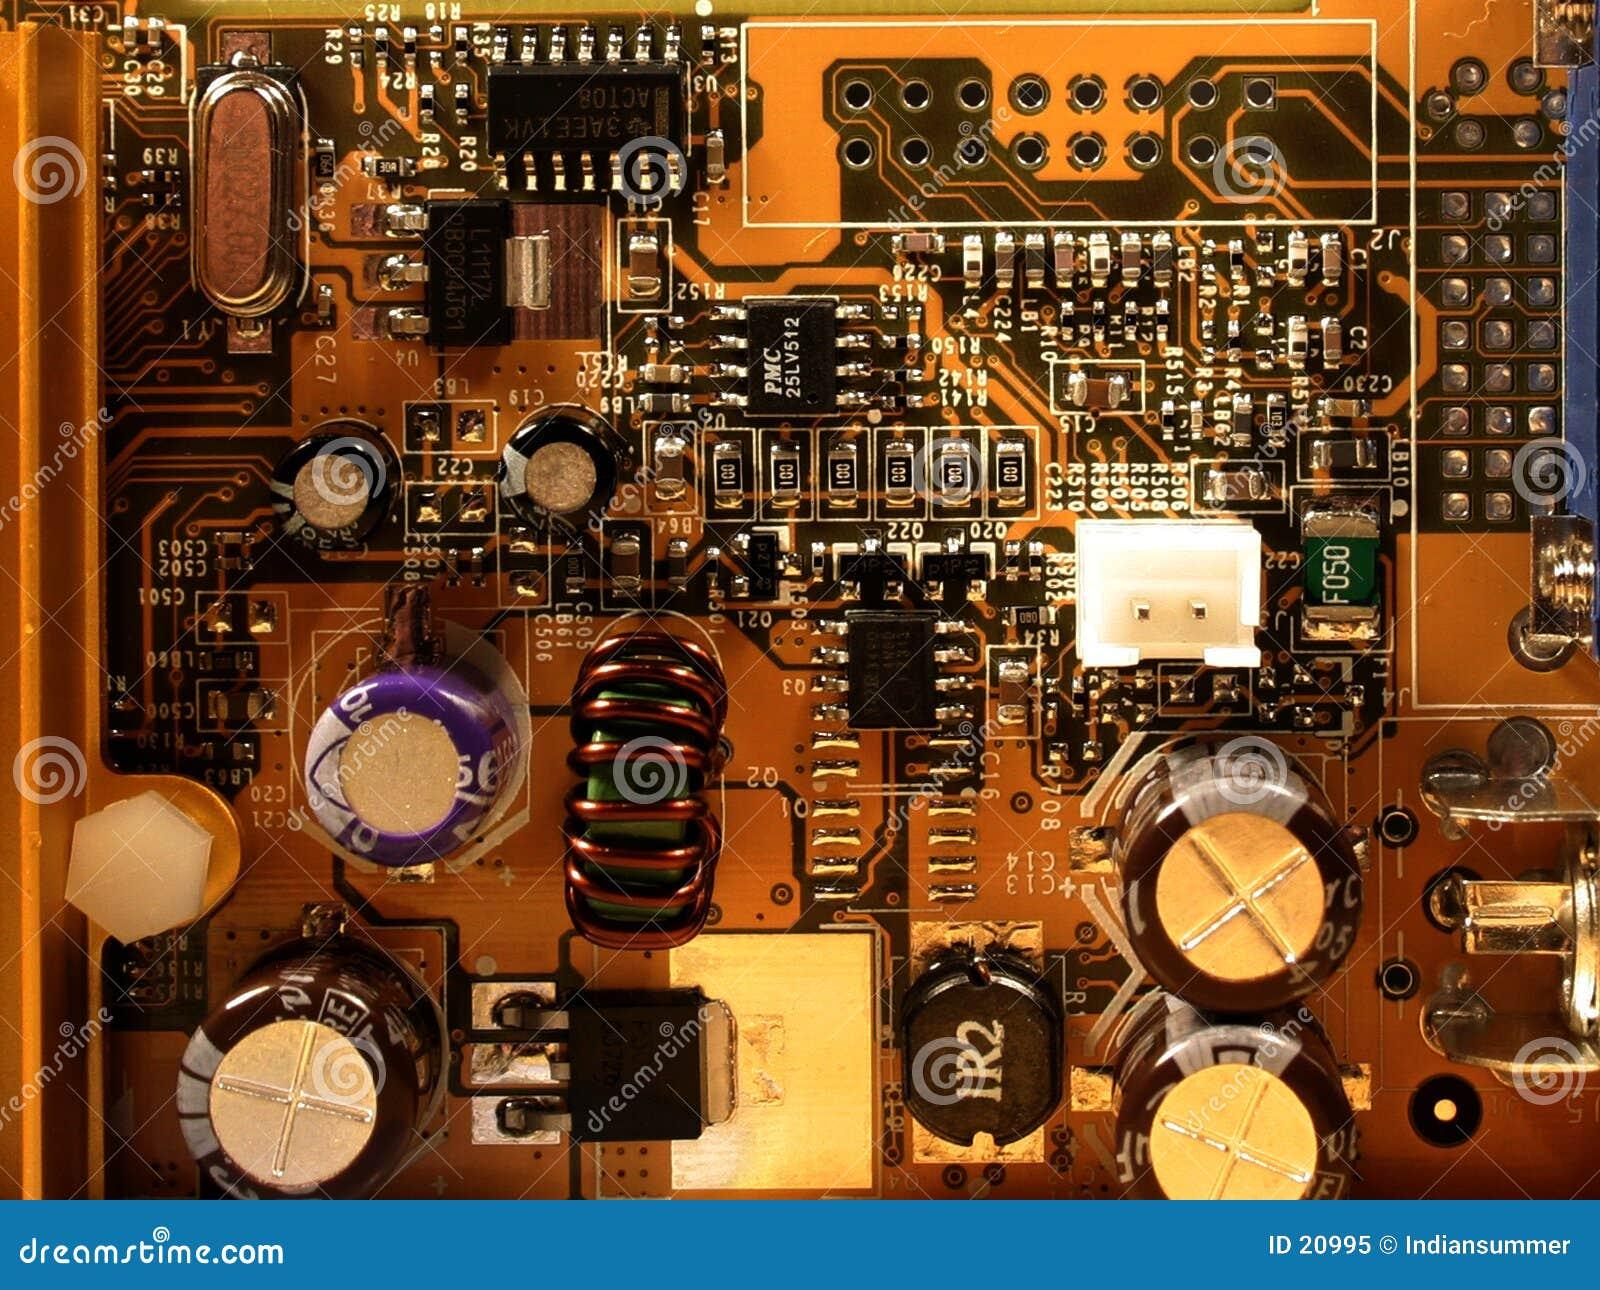 Videocard микросхемы